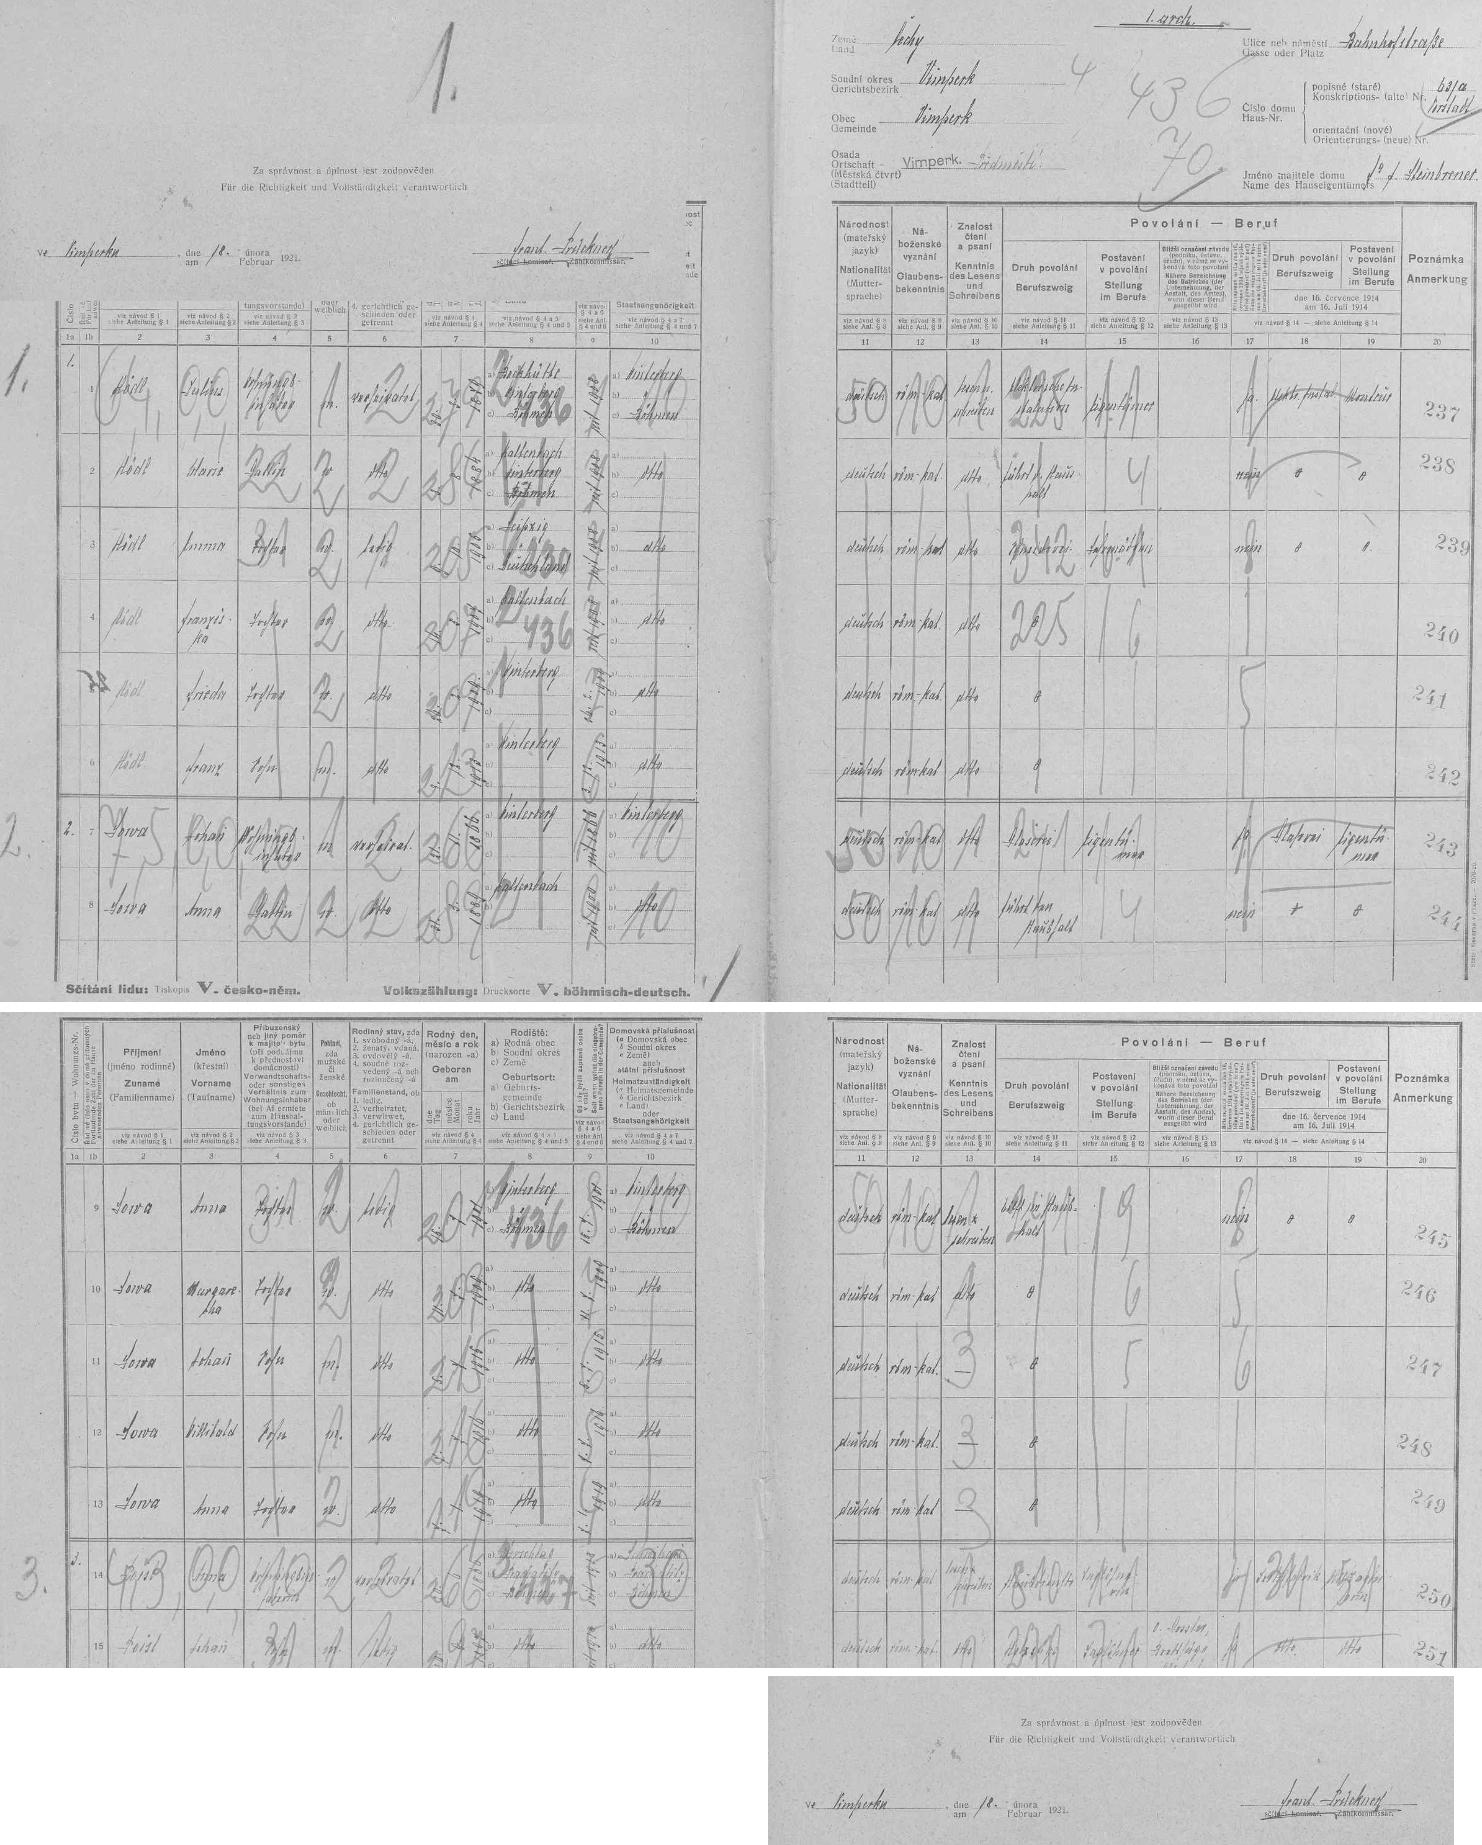 Arch sčítání lidu z roku 1921 pro dům čp. 63a ve vimperské Nádražní ulici, kde bydlila s rodiči i její maminka Margaretha, narozená v roce 1909